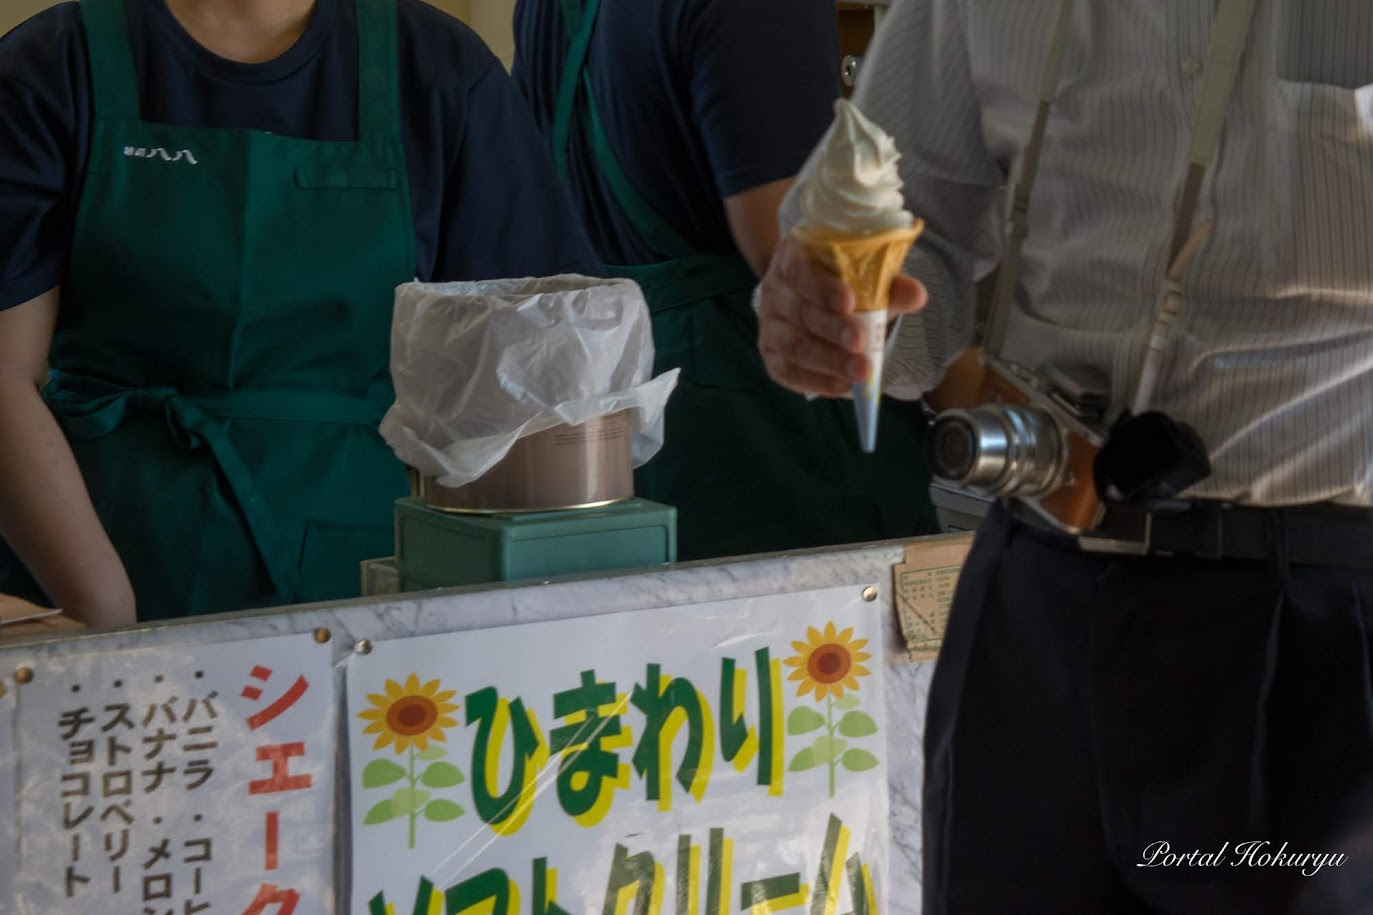 ひまわりナッツ入りひまわりソフトクリーム